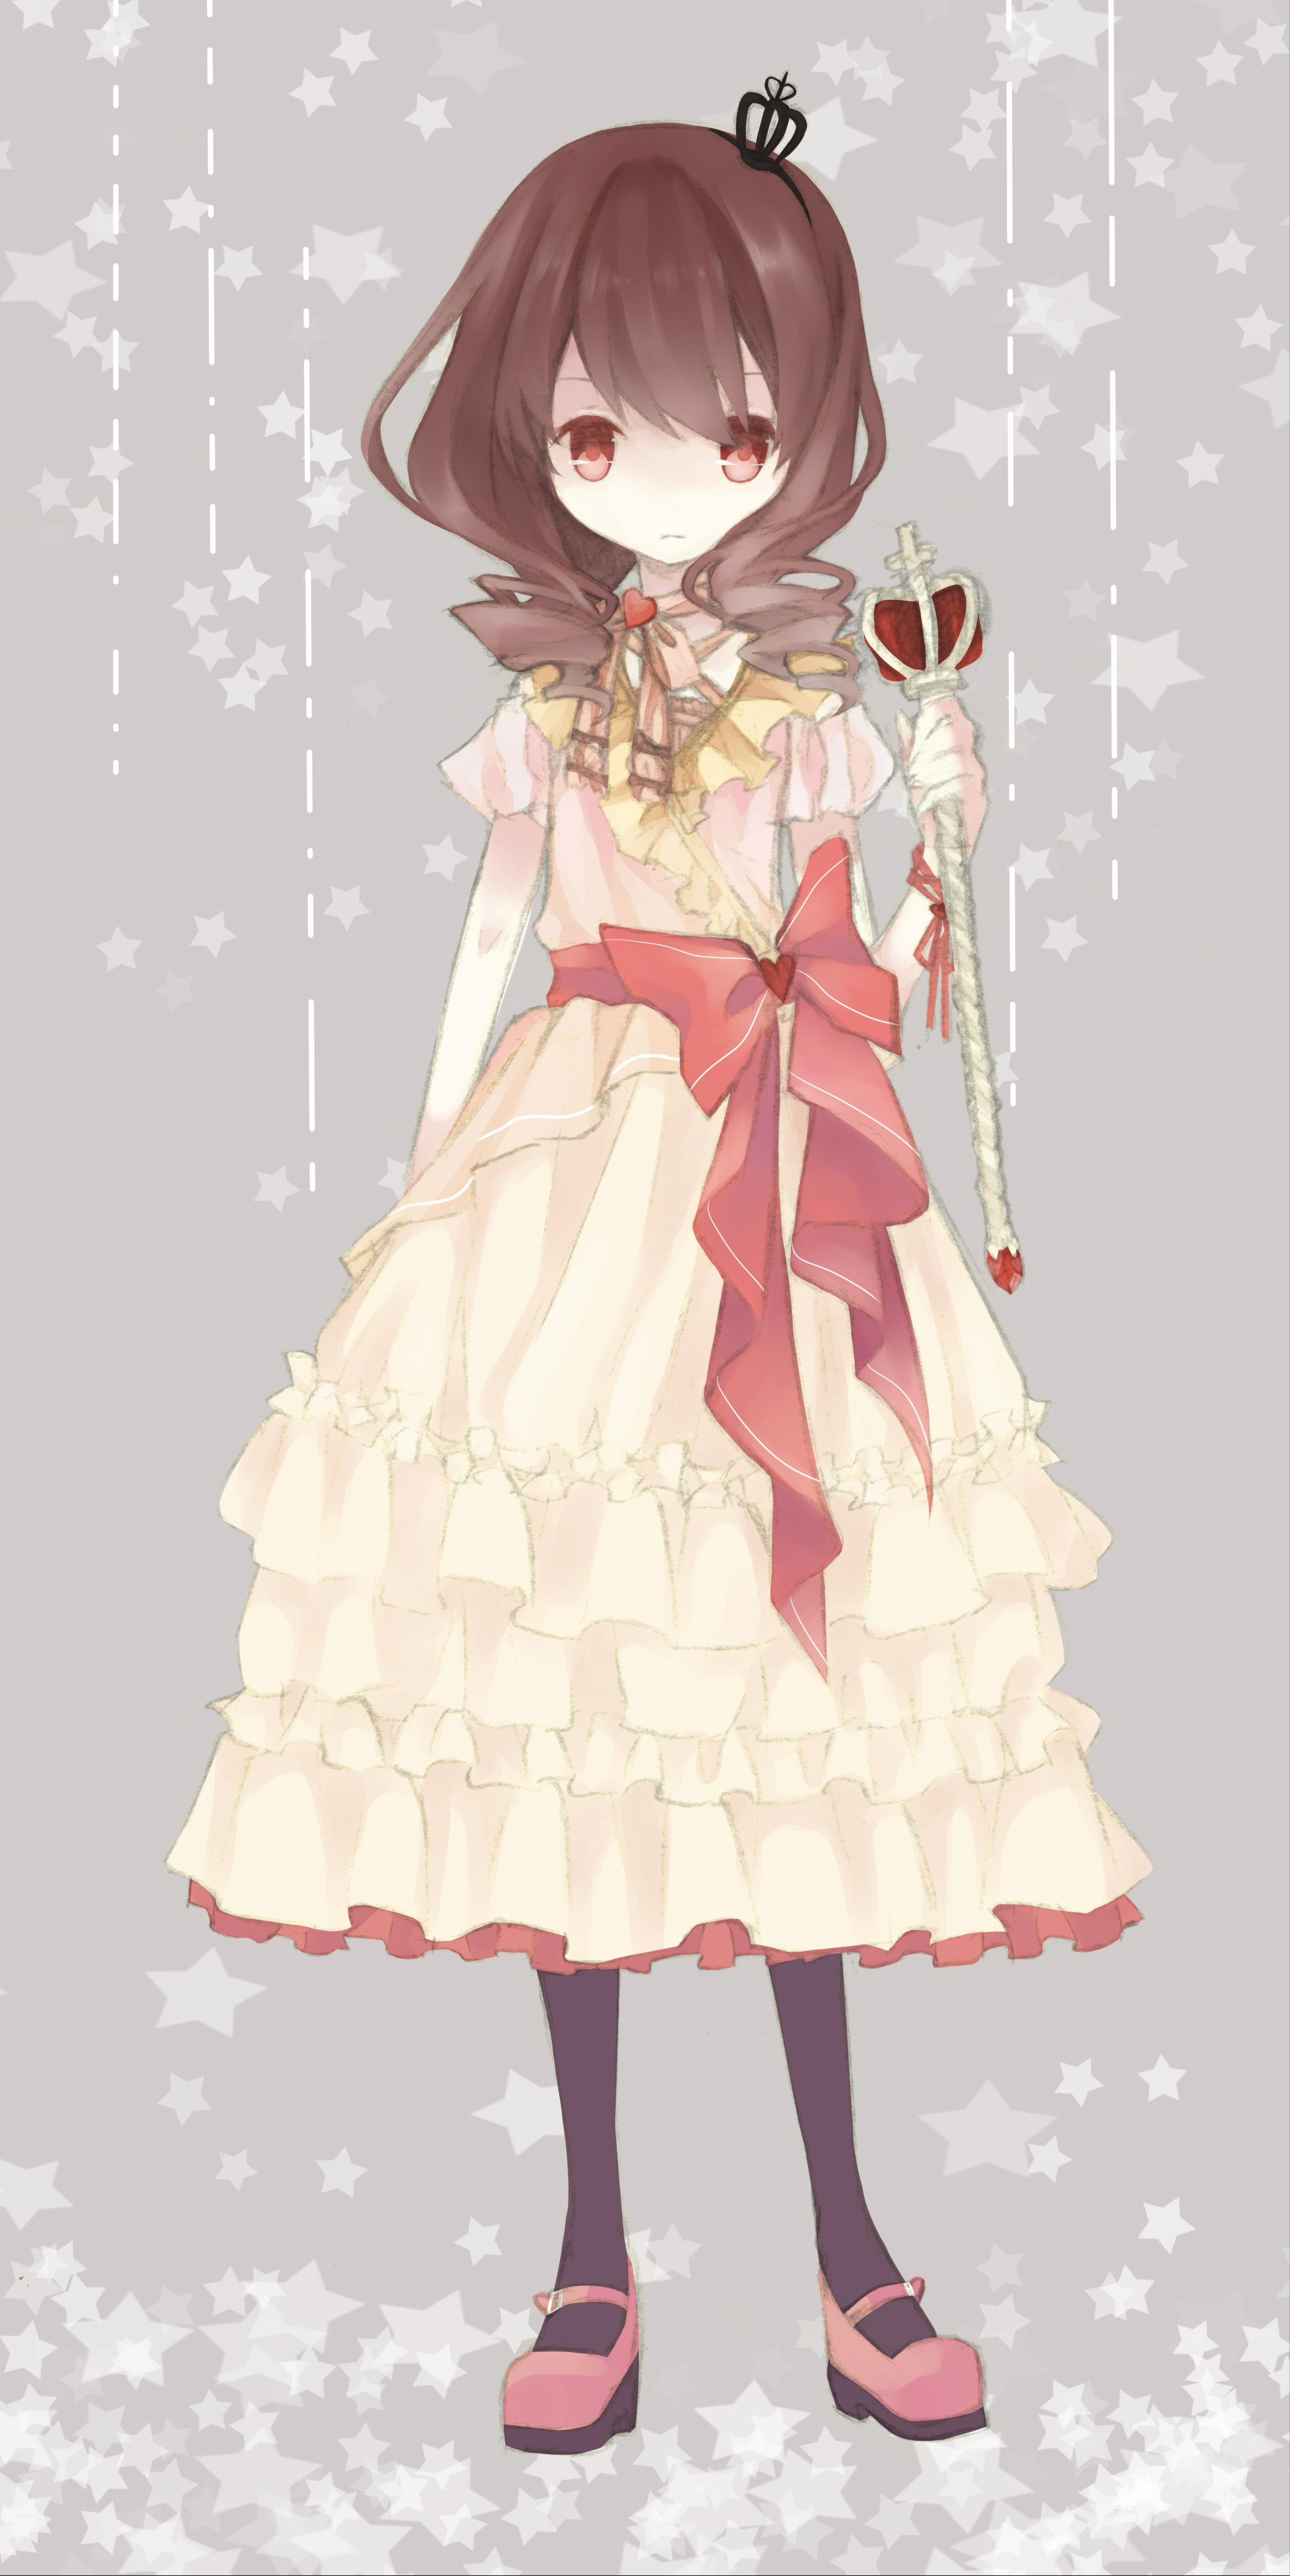 Queen of Hearts - Alice in Wonderland - Zerochan Anime Image Board